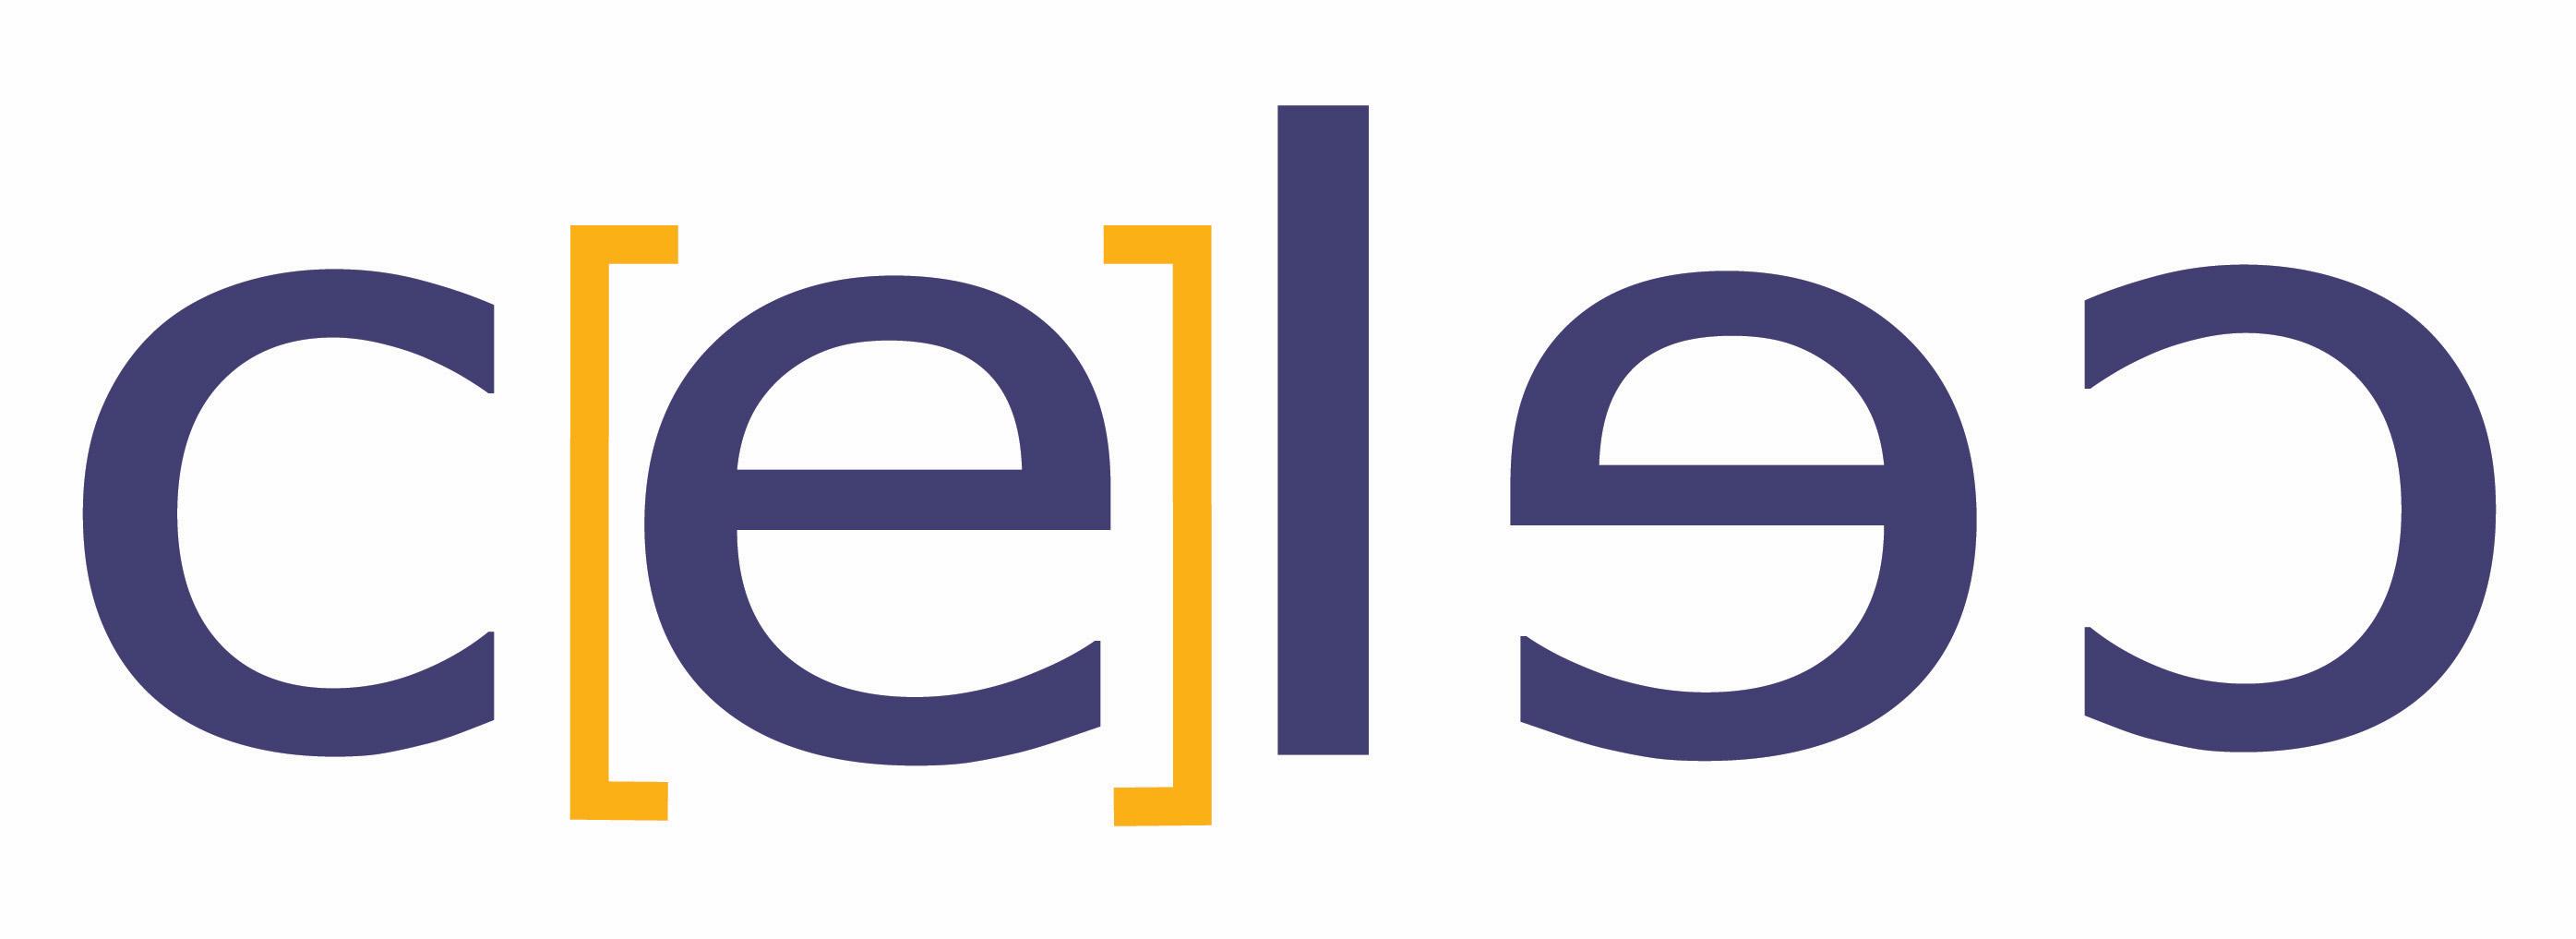 celecsl.com